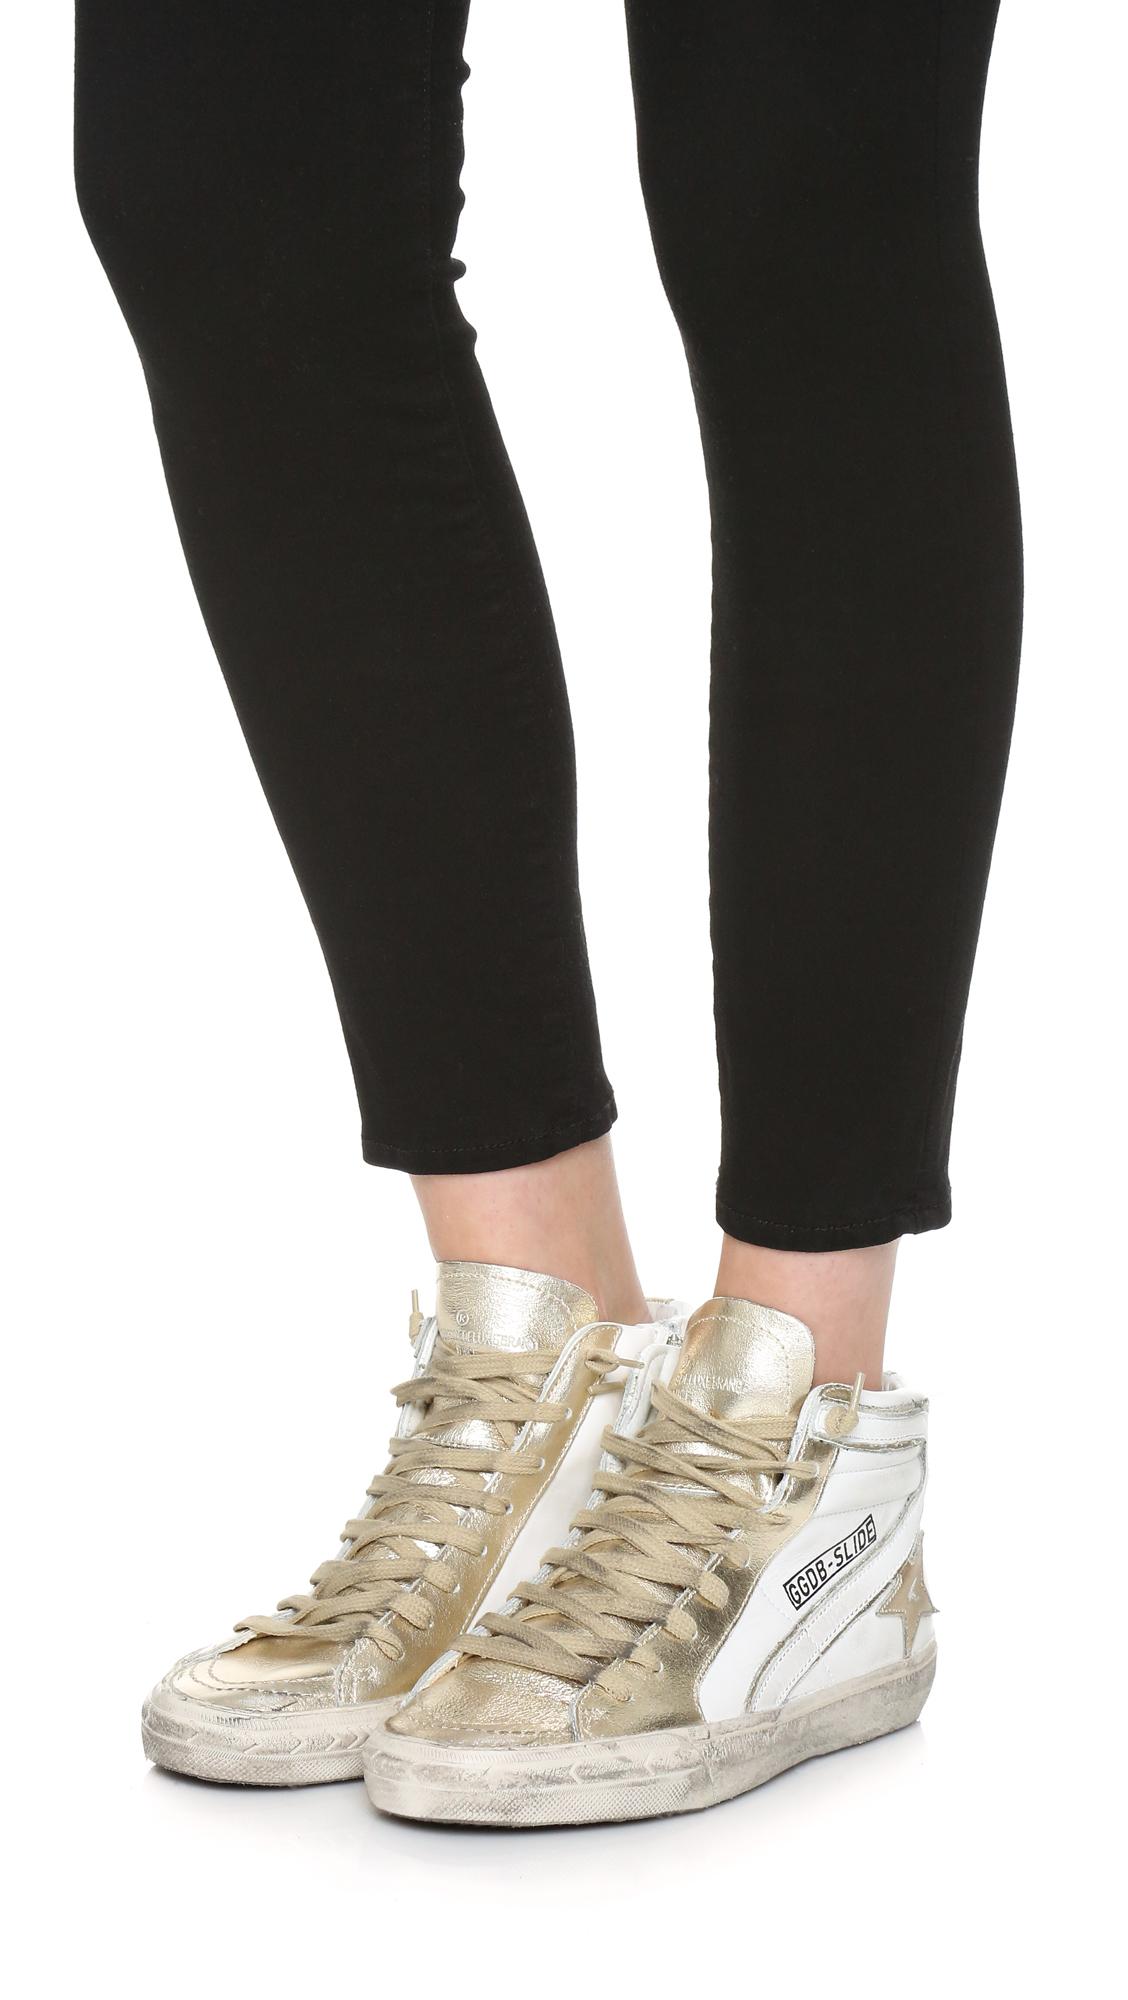 bfb74a50137d9 Lyst - Golden Goose Deluxe Brand Slide High Top Sneakers in Metallic